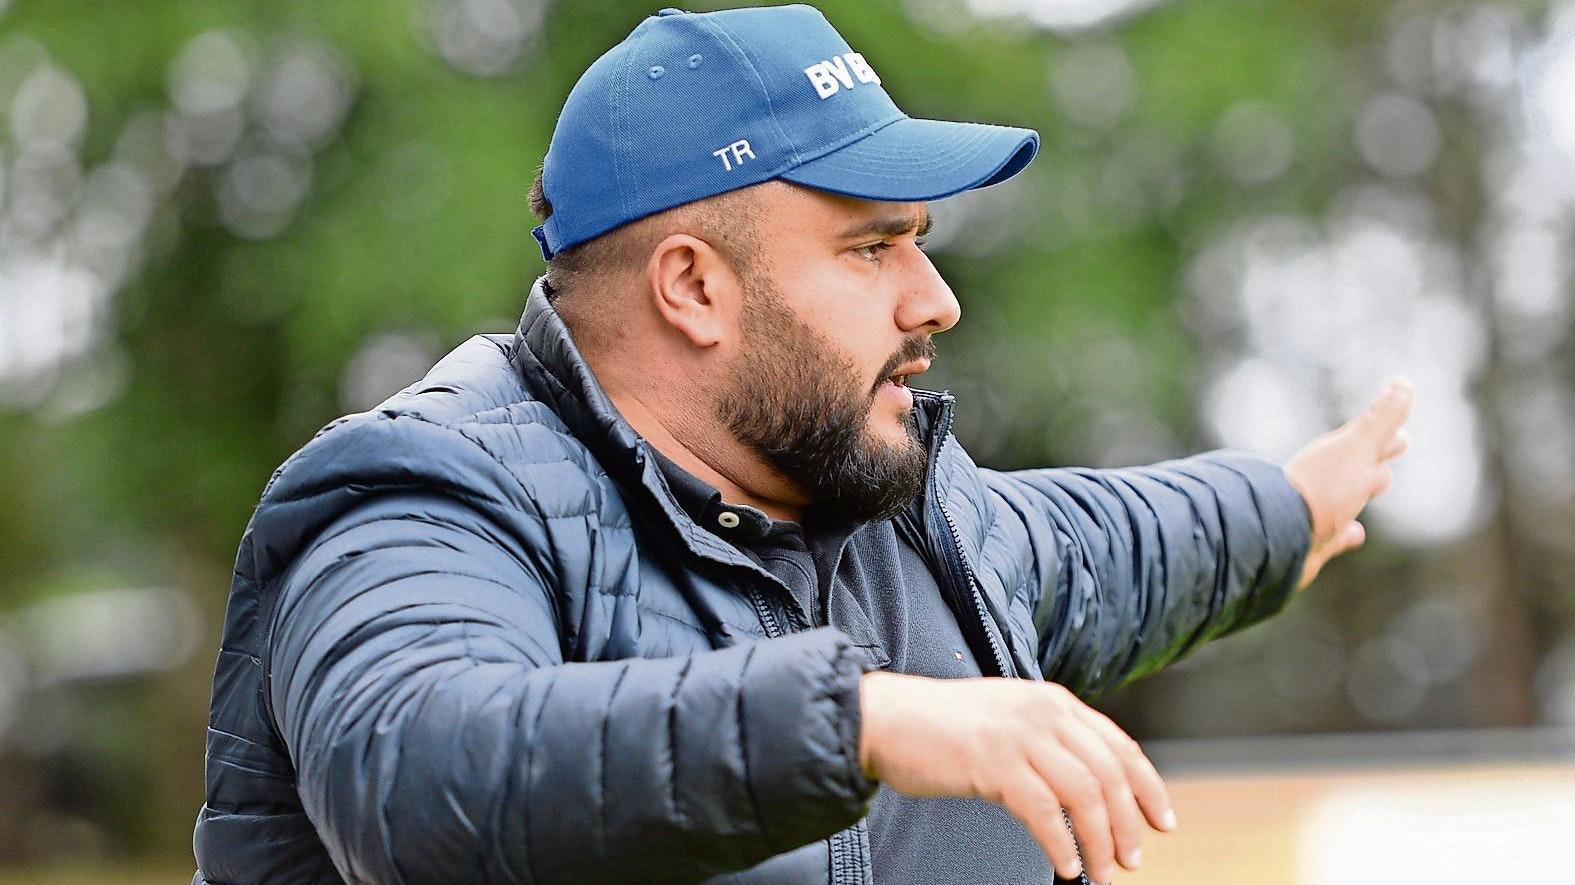 Enttäuschung, aber auch Verständnis: Essens Trainer Mohammad Nasari bedauert den Rückzug des BV Essen aus der Landesliga in die Kreisliga. Foto: Langosch